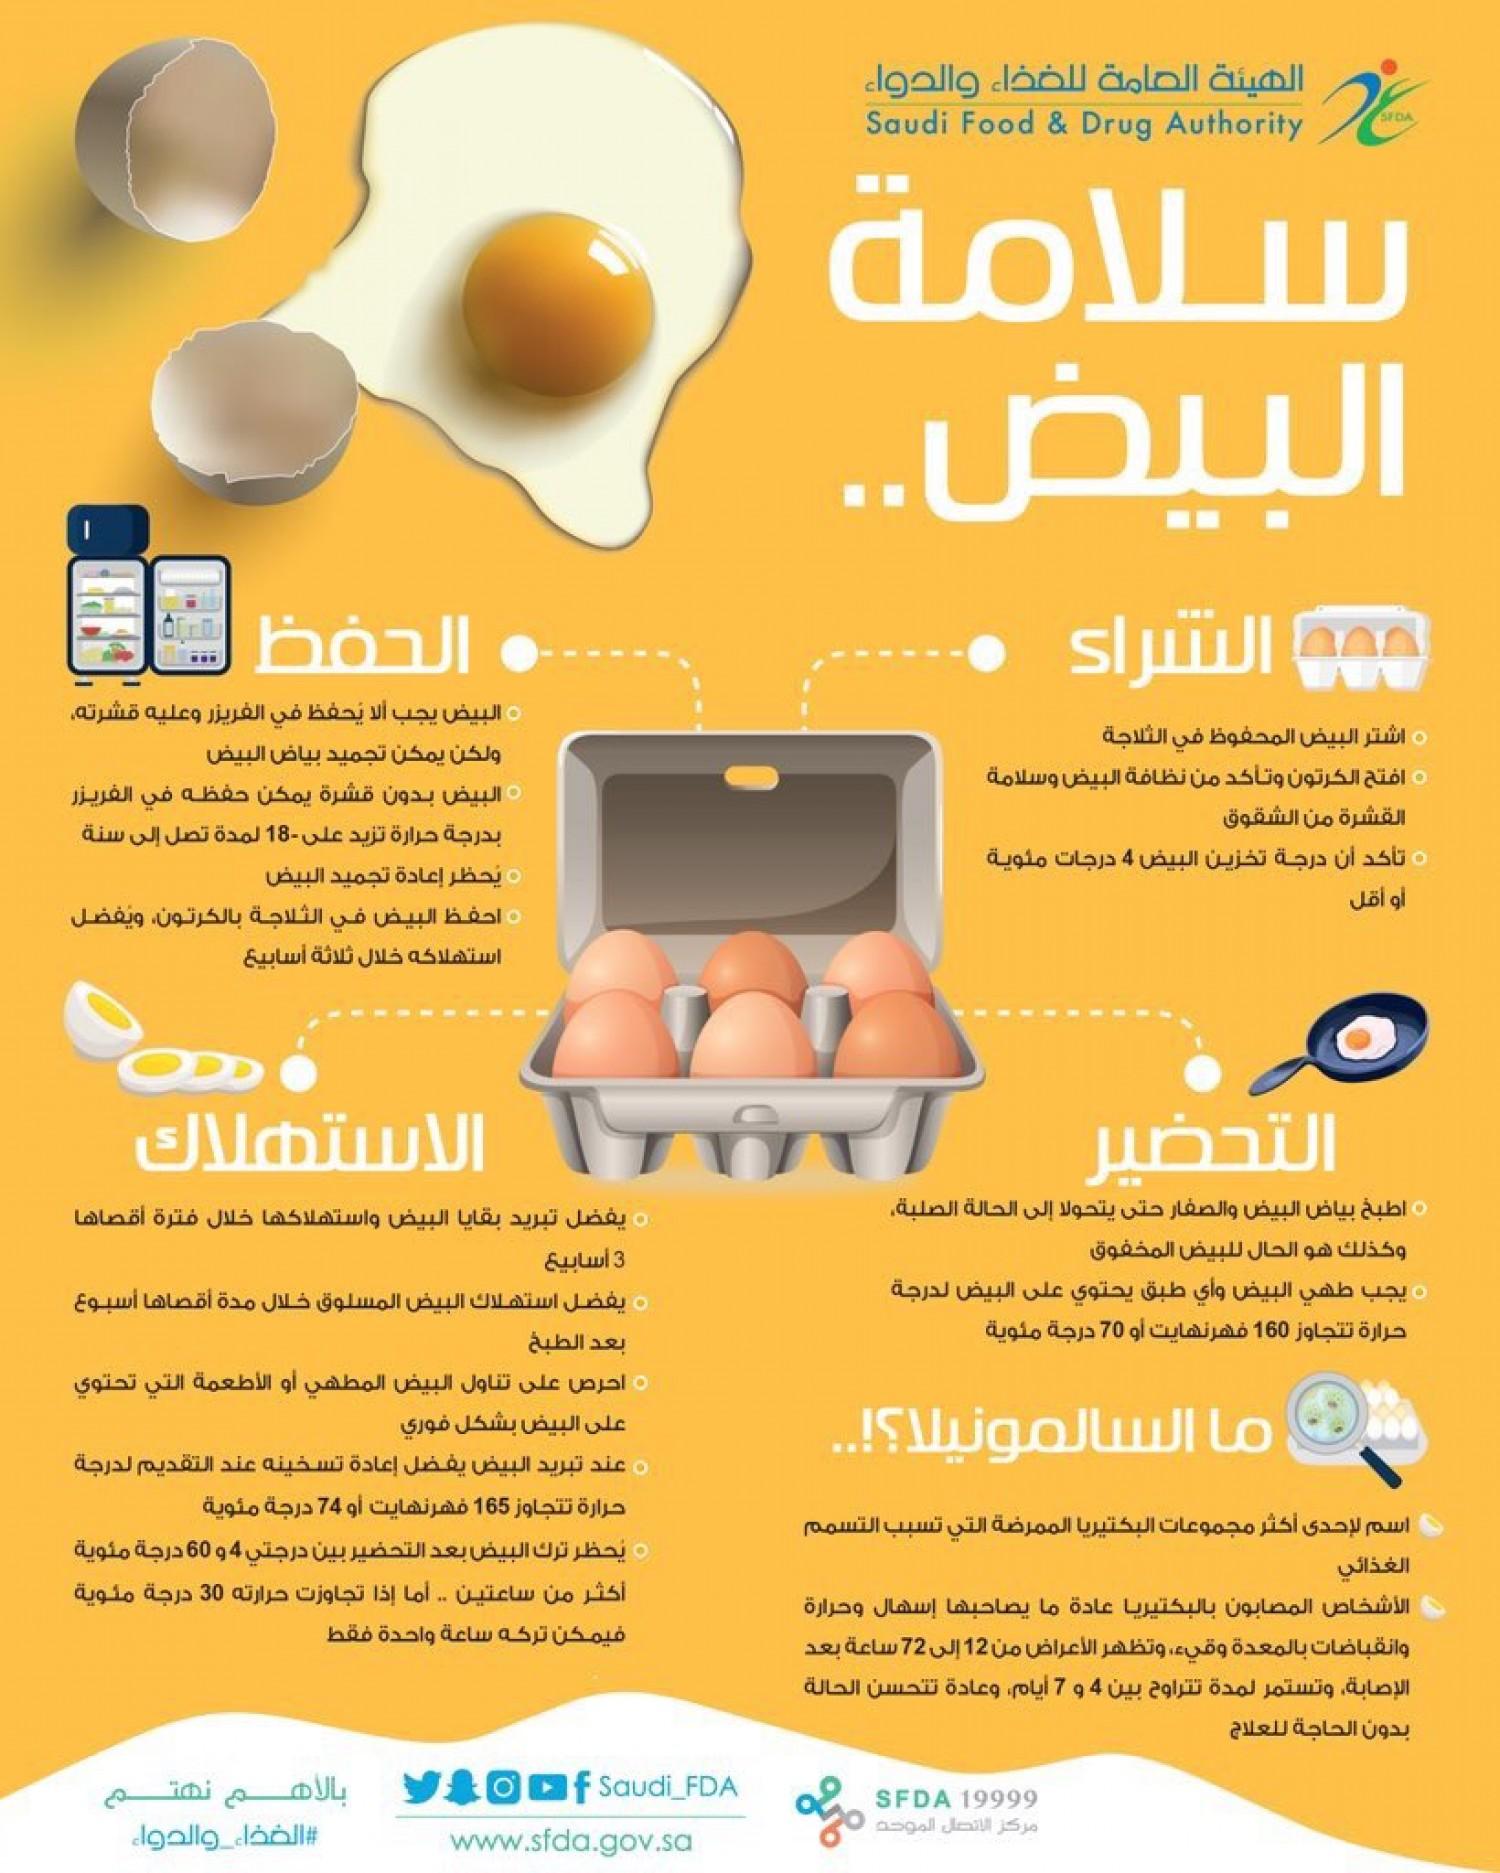 بالإنفوجرافيك.. «الغذاء والدواء» تقدم نصائح مهمة لتخزين البيض وطهيه